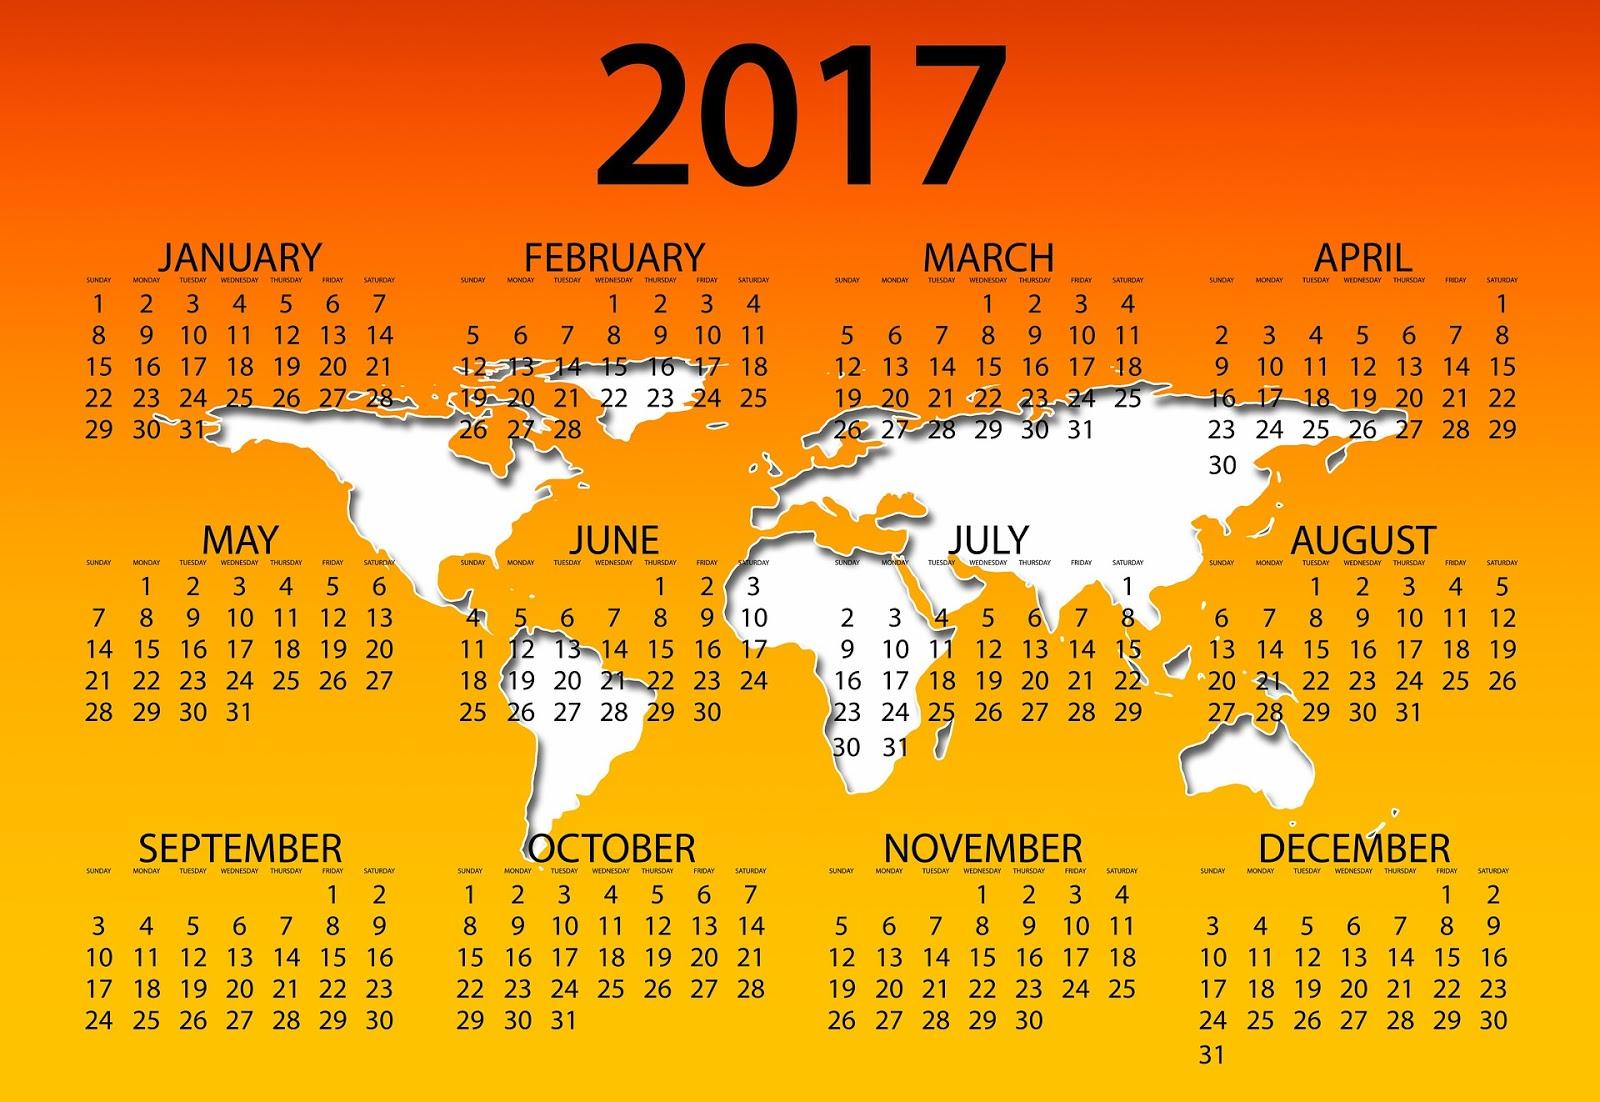 December 2017 Calendar Desktop Wallpaper